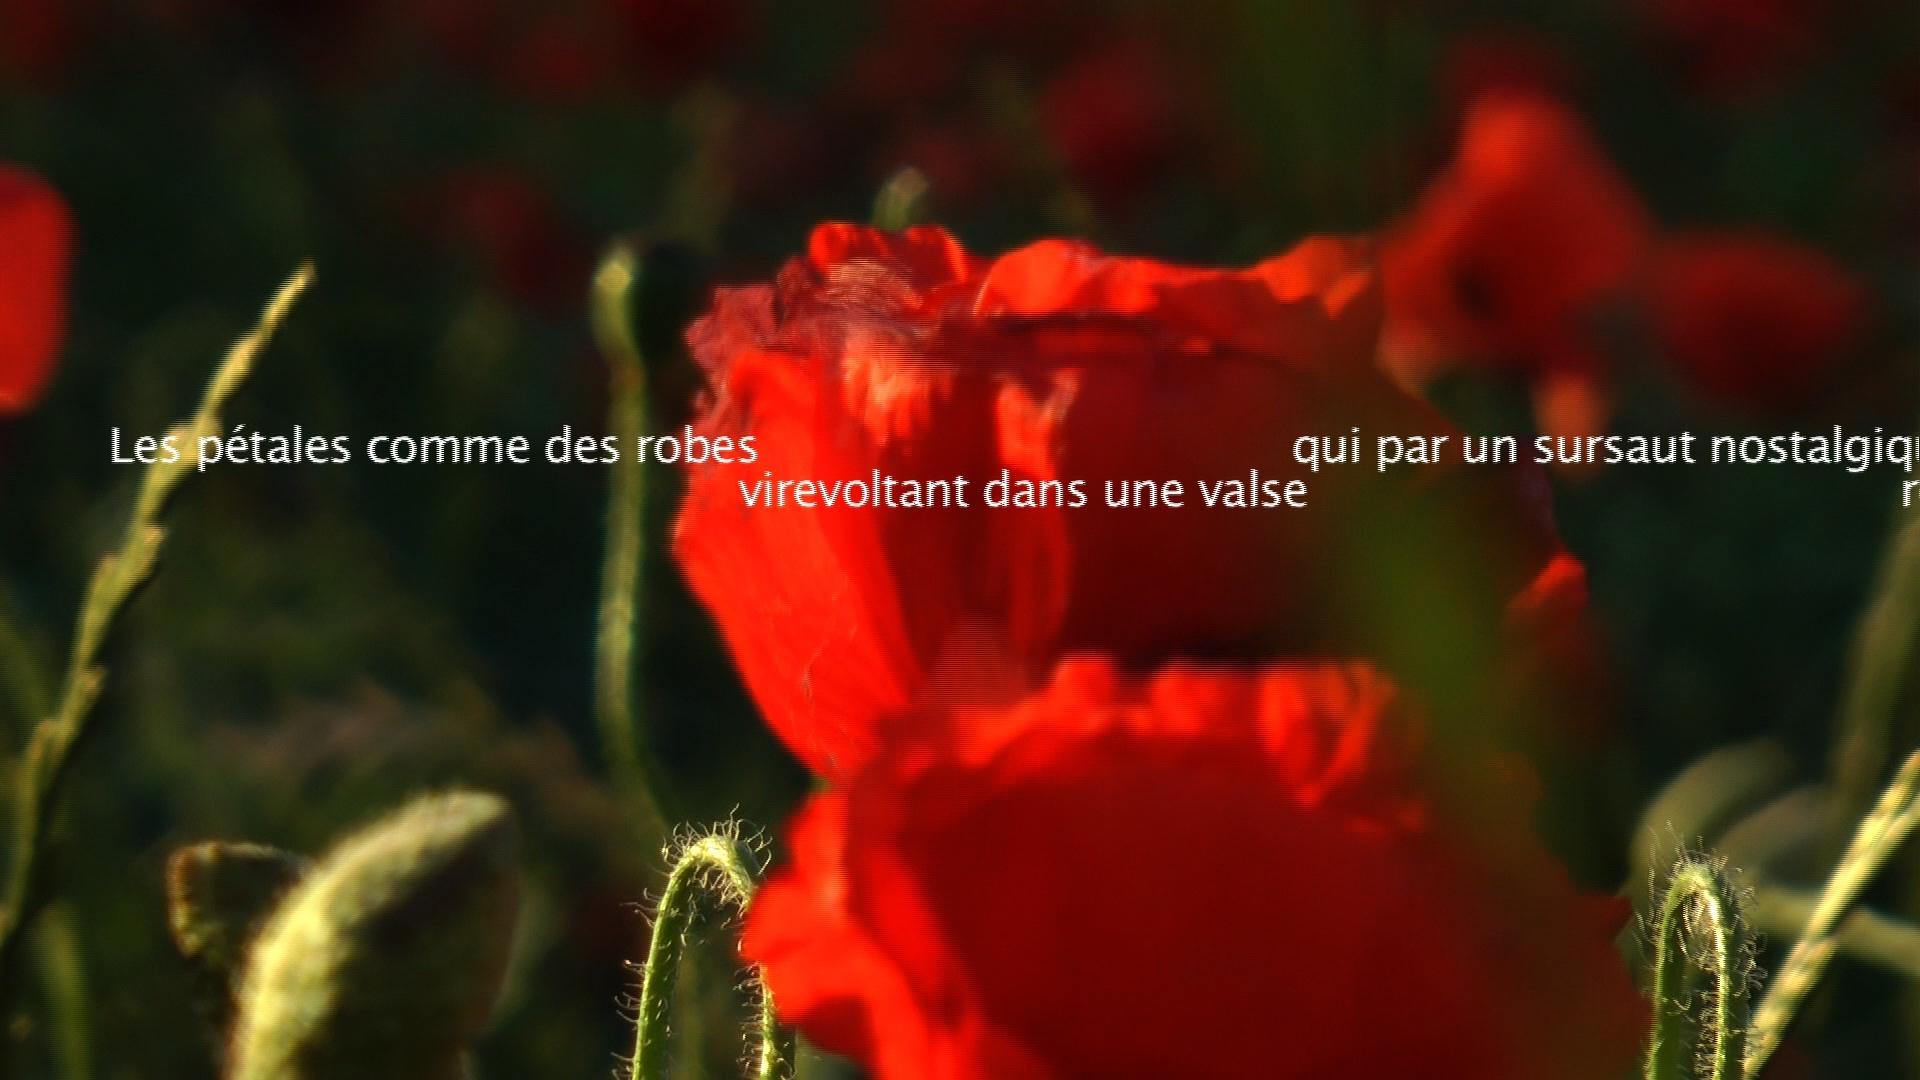 Le Murmure du monde - Les coquelicots - Blandine Armand - Créations vidéos